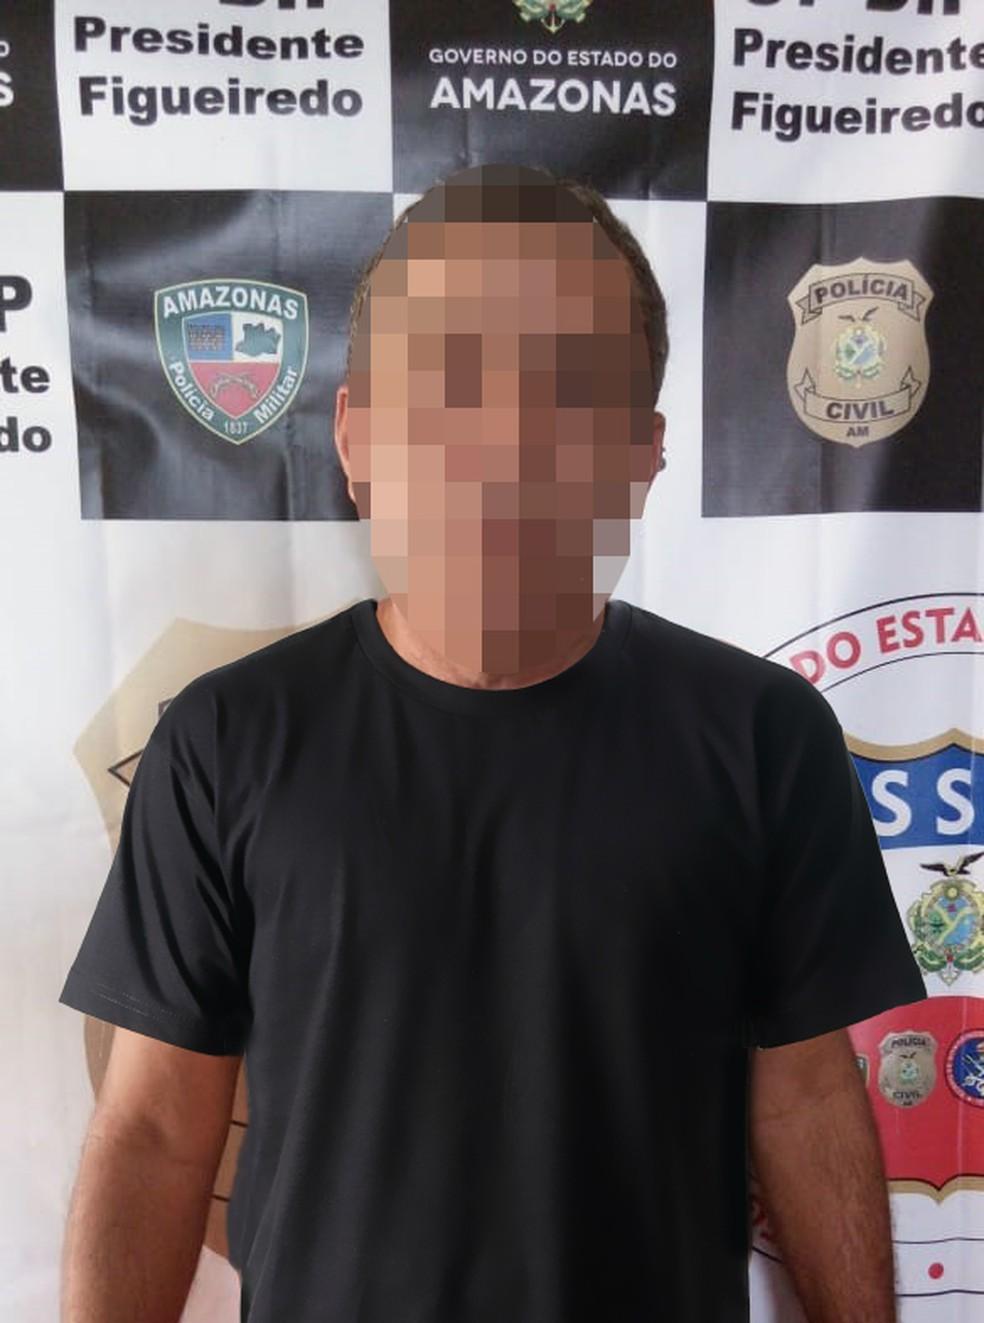 Suspeito de 55 anos foi preso em flagrante pela equipe do 37º DIP, em Presidente Figueiredo  — Foto: Divulgação/Polícia Civil do Estado do Amazonas